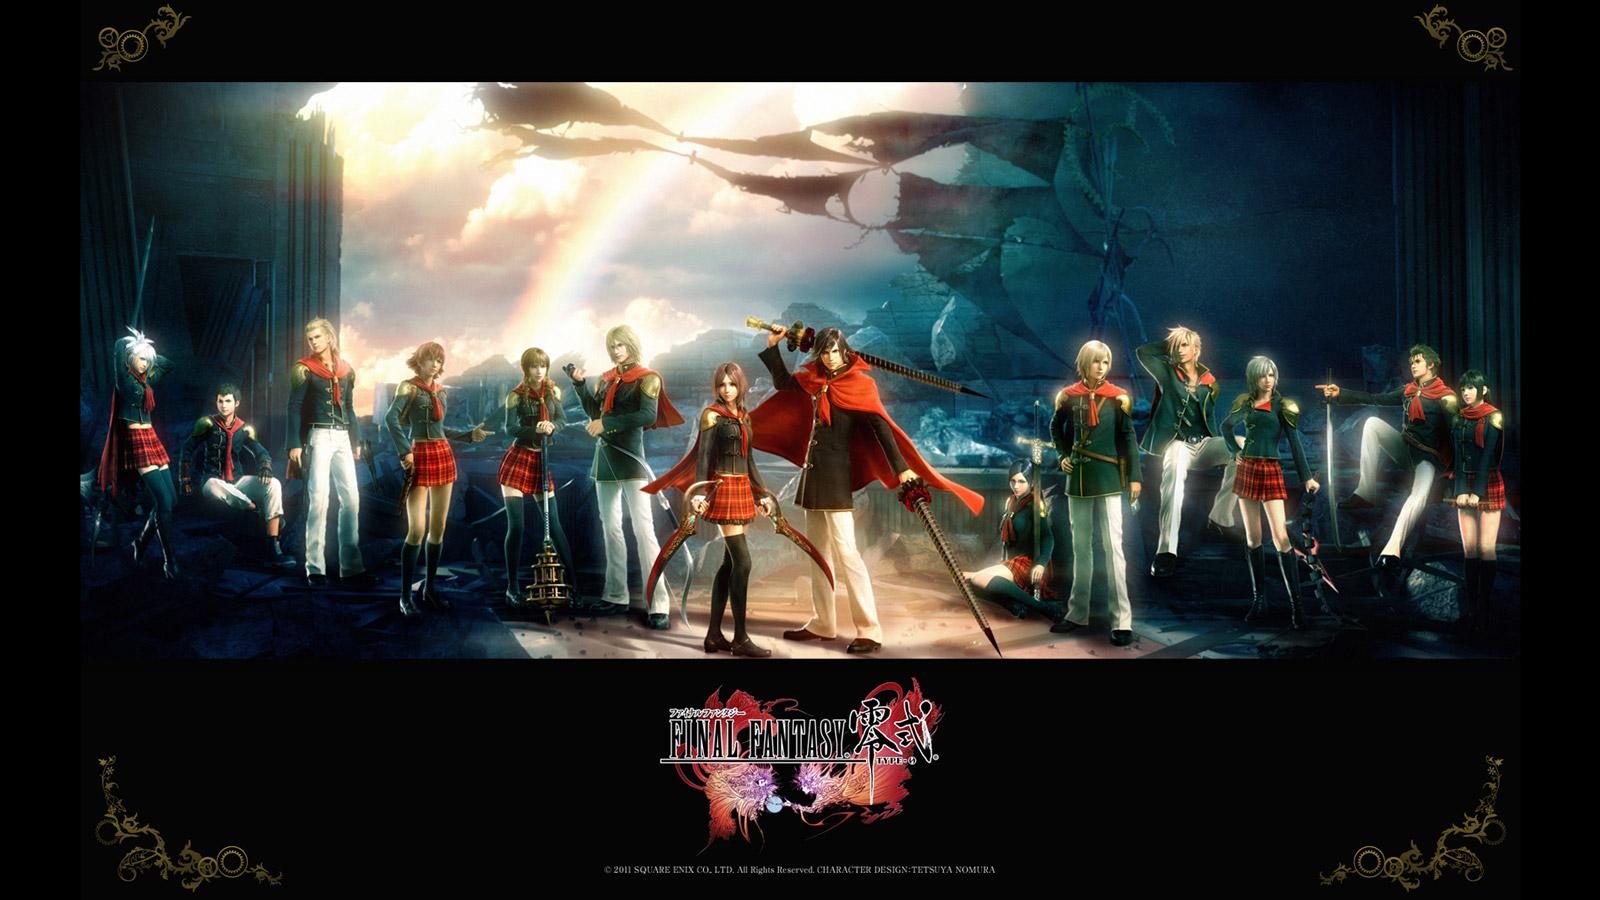 Free Final Fantasy Type-0 Wallpaper in 1600x900